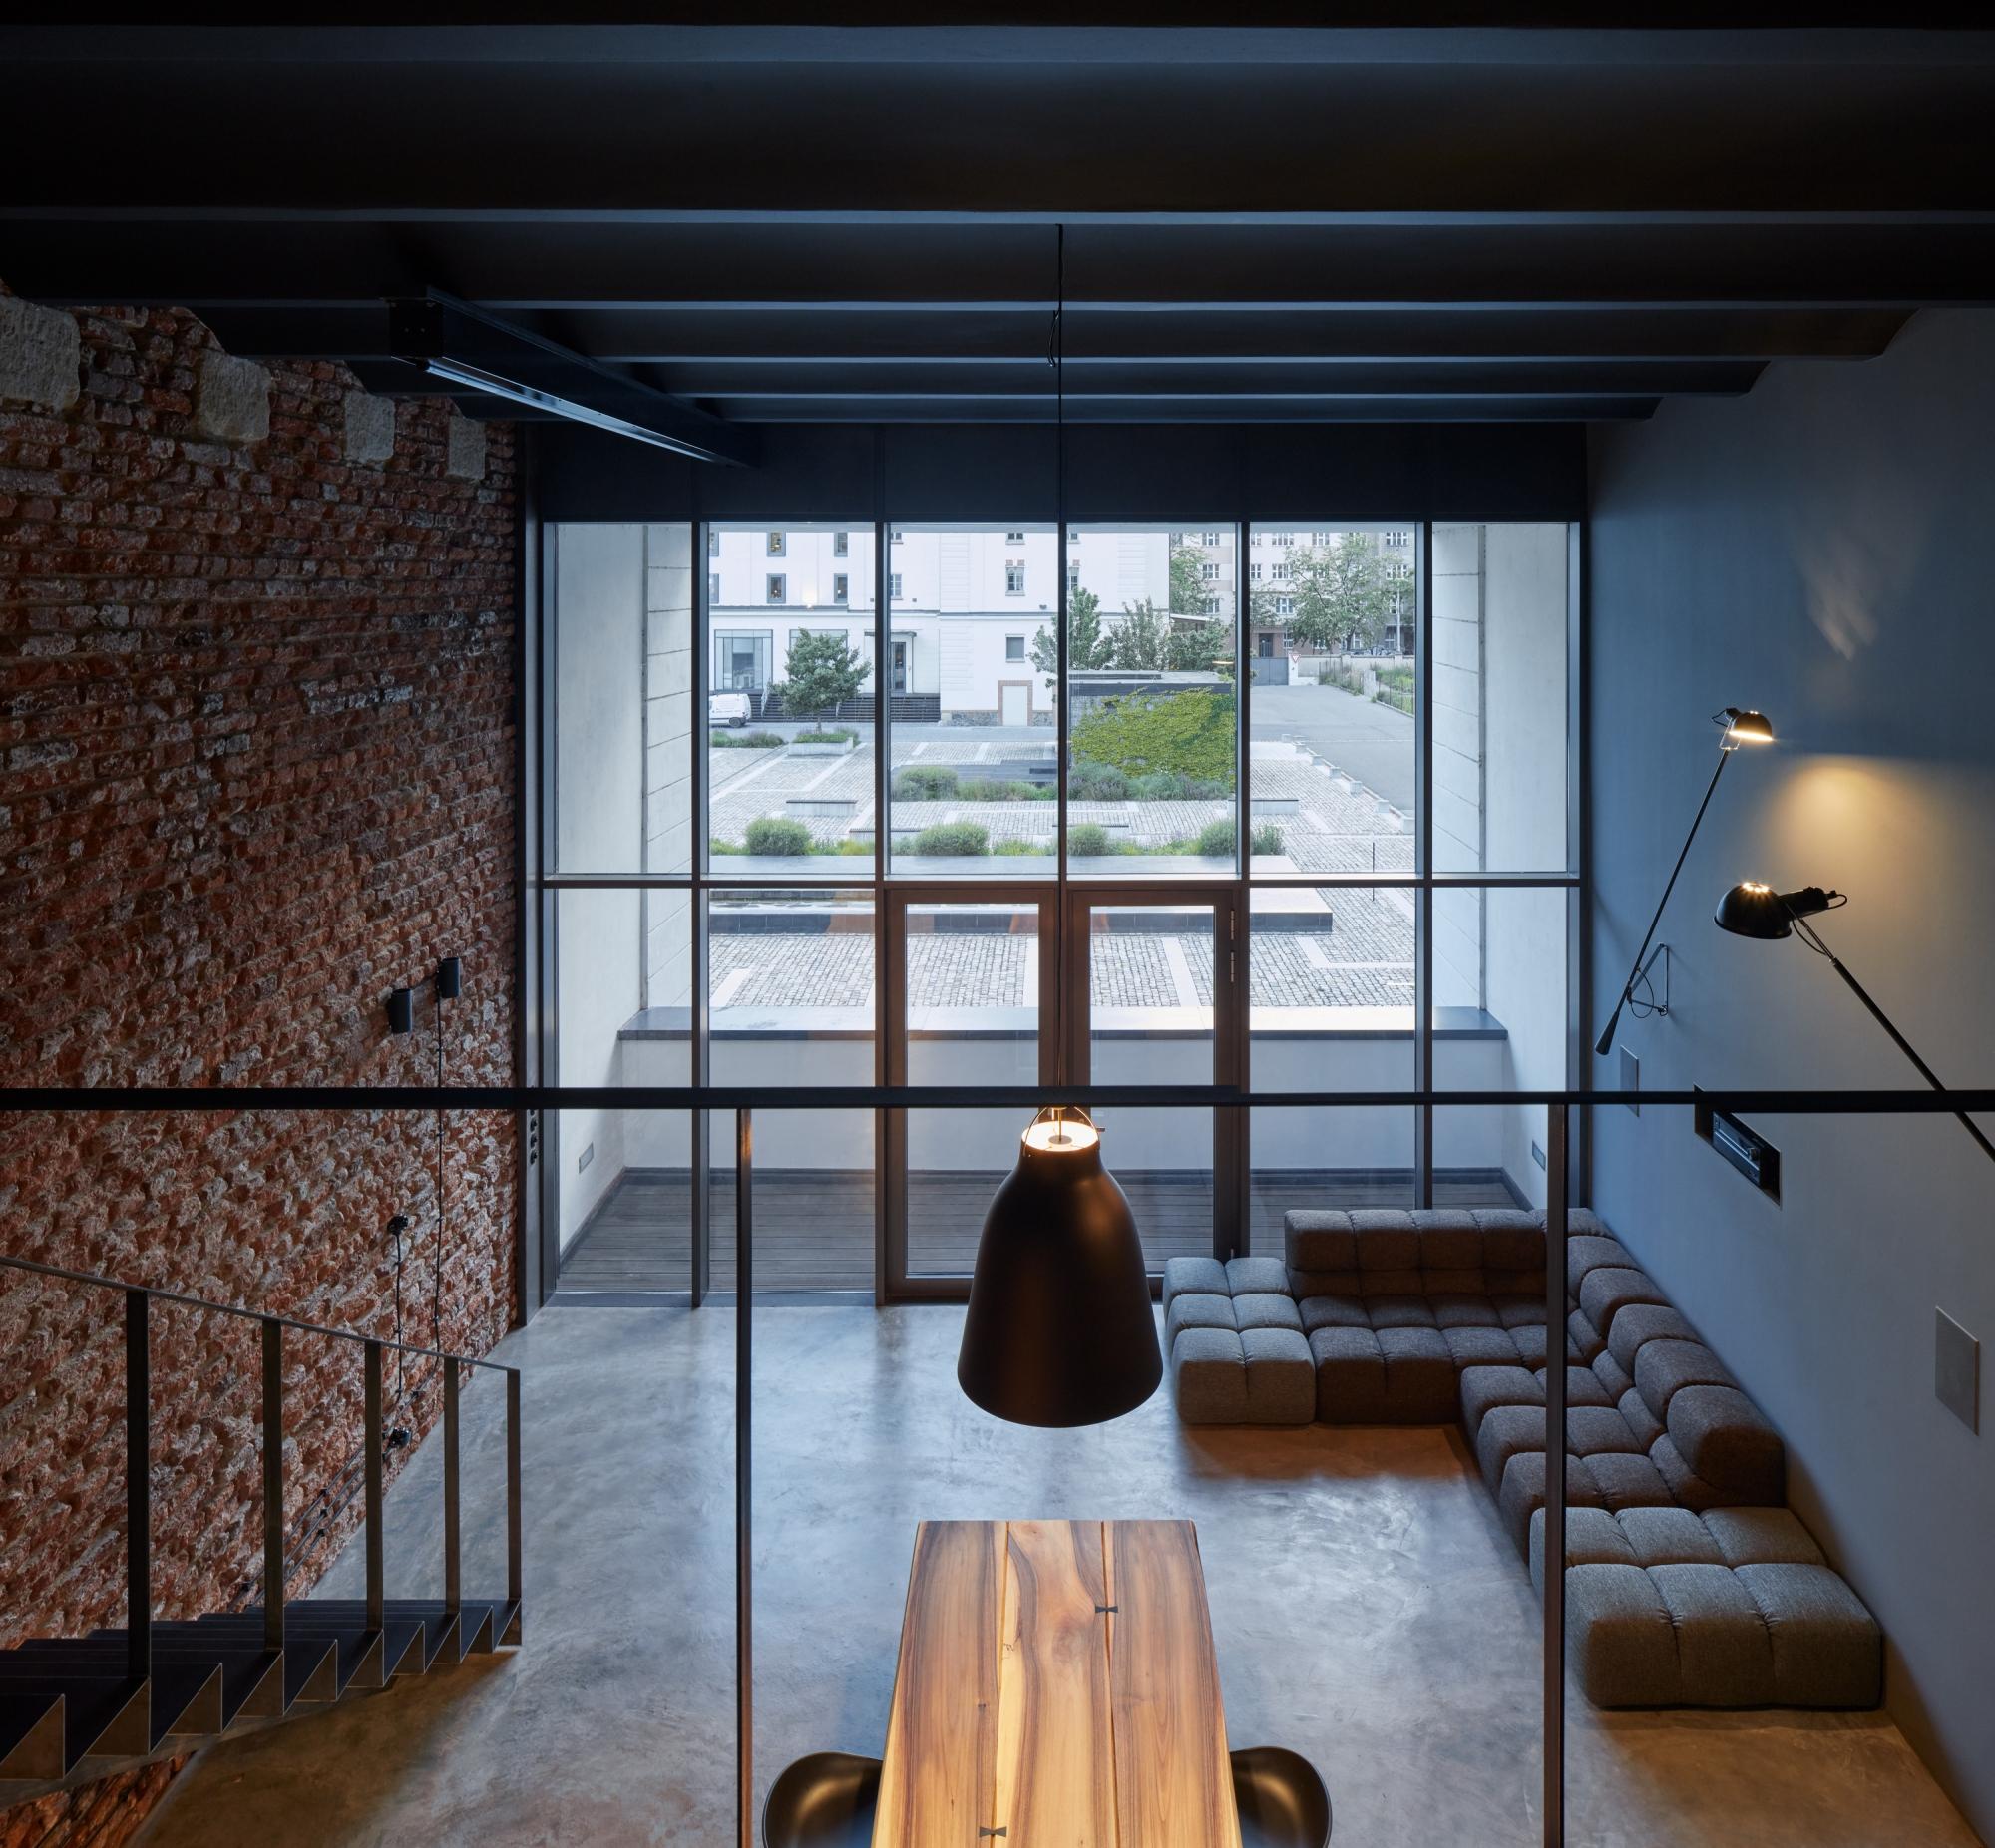 Kilkupoziomowe mieszkanie w loftowym stylu